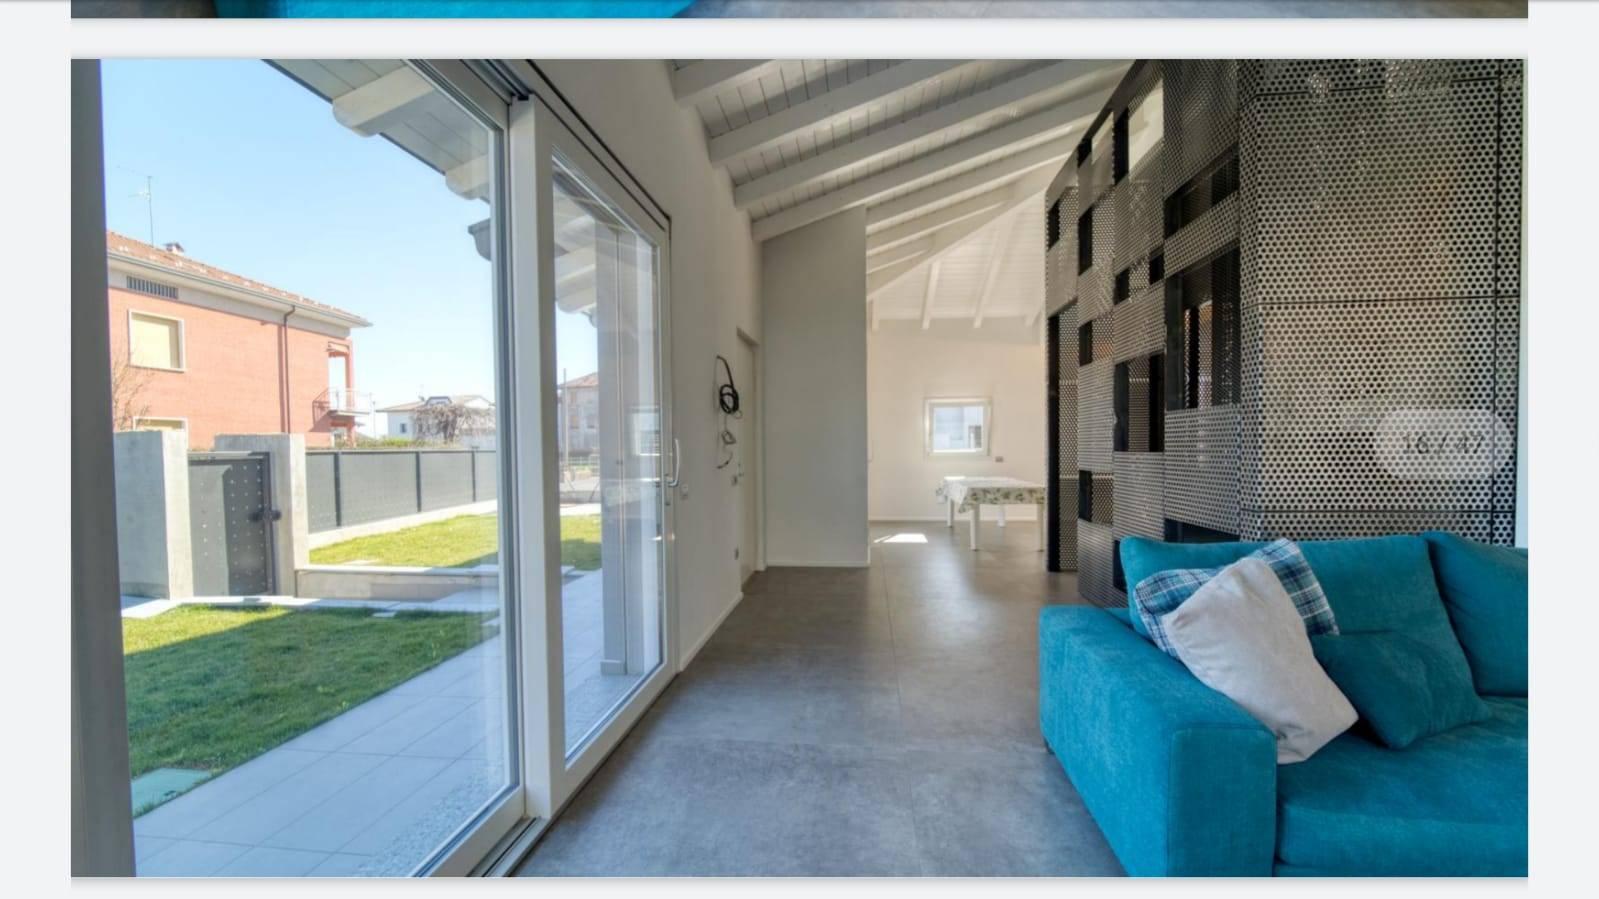 Villa in vendita a Appiano Gentile, 4 locali, prezzo € 425.000 | PortaleAgenzieImmobiliari.it